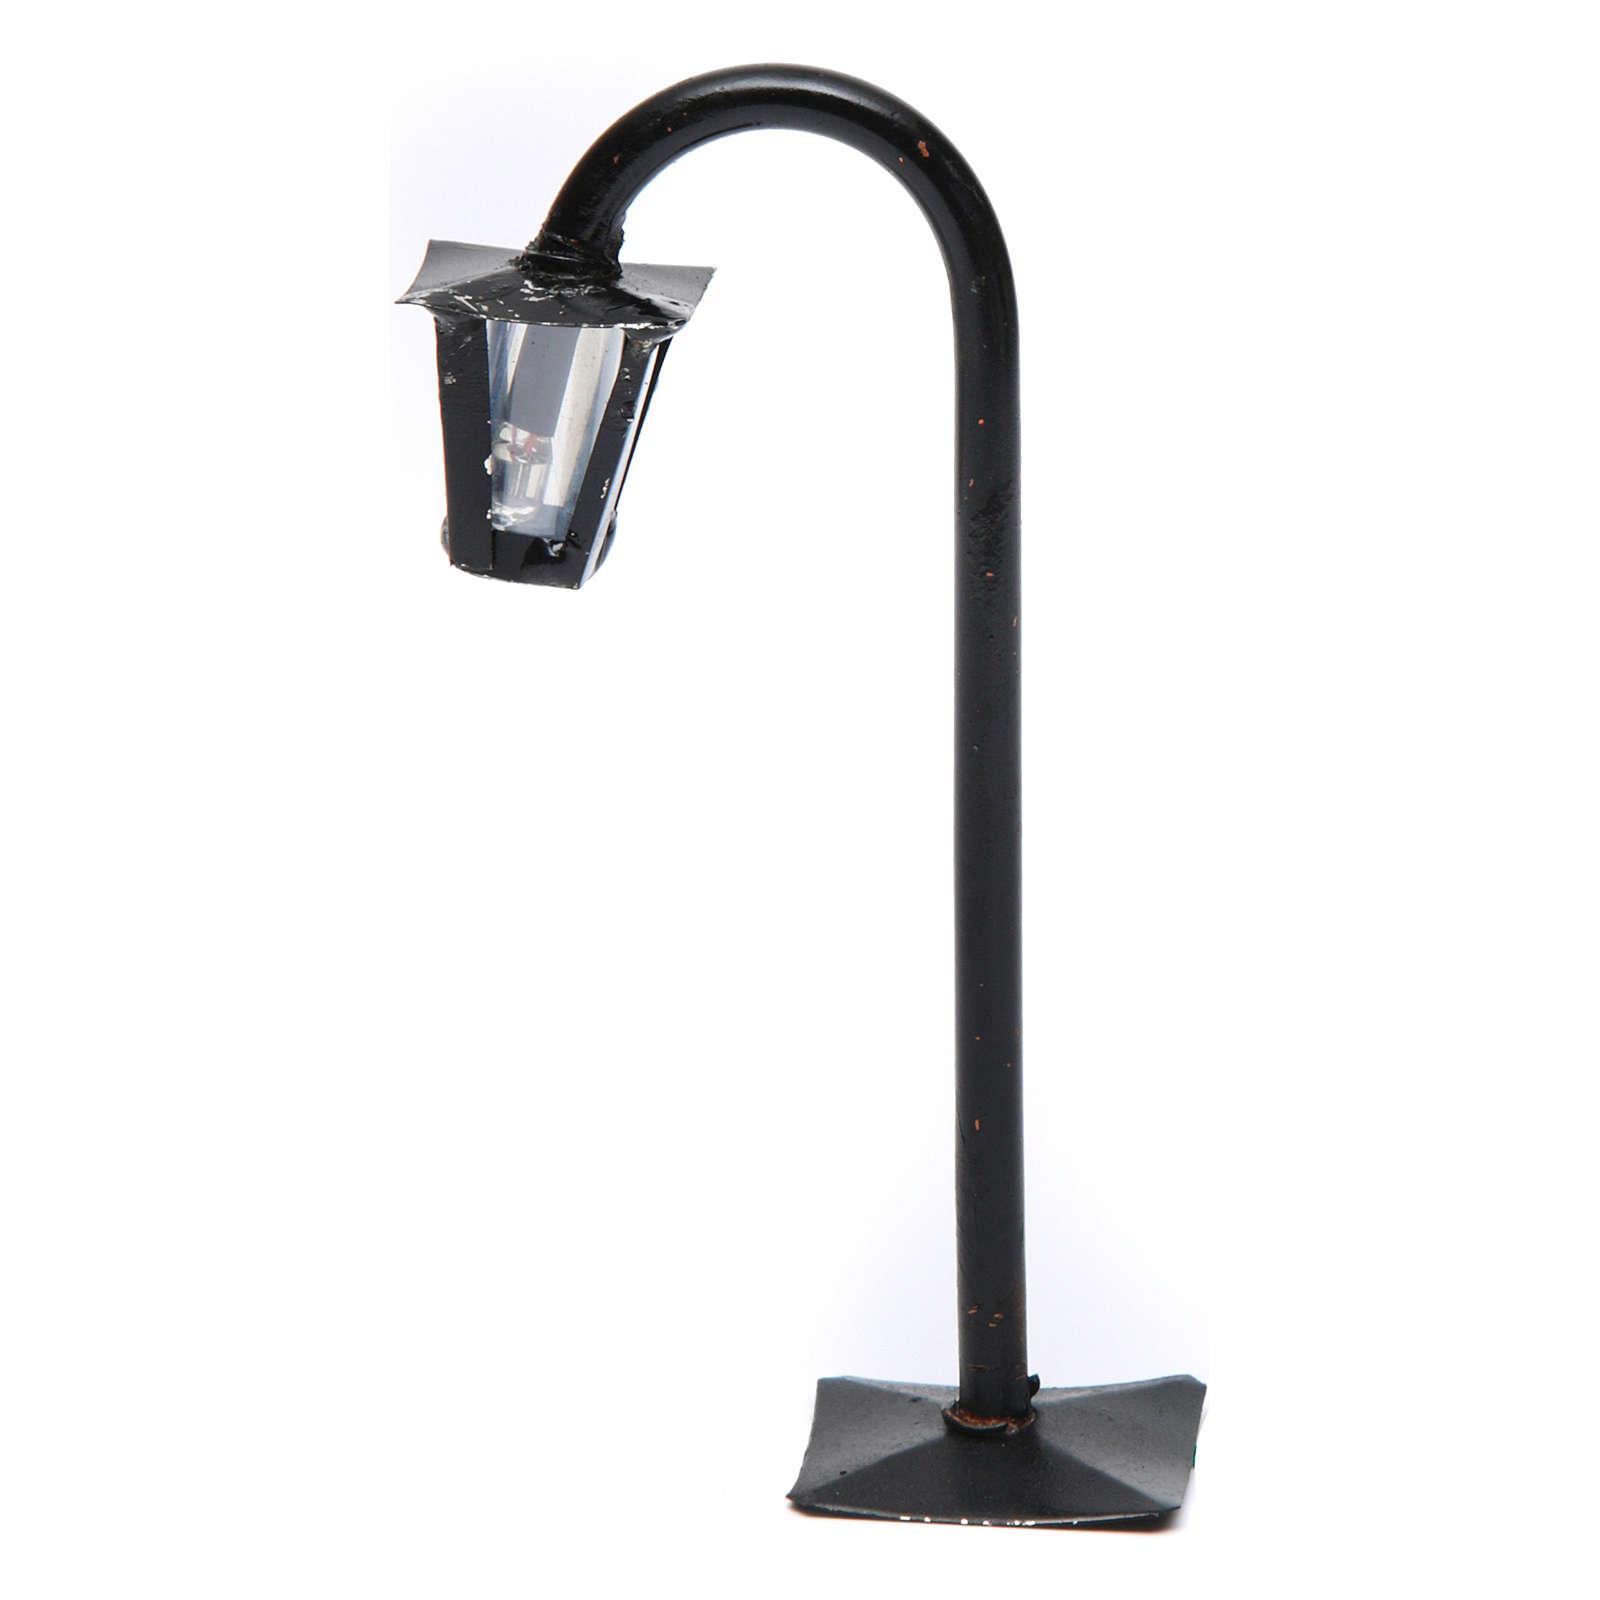 Słup oświetleniowy chodnikowy ozdobny z latarenką h rzeczywista 13 cm szopka z Neapolu - 12V 4